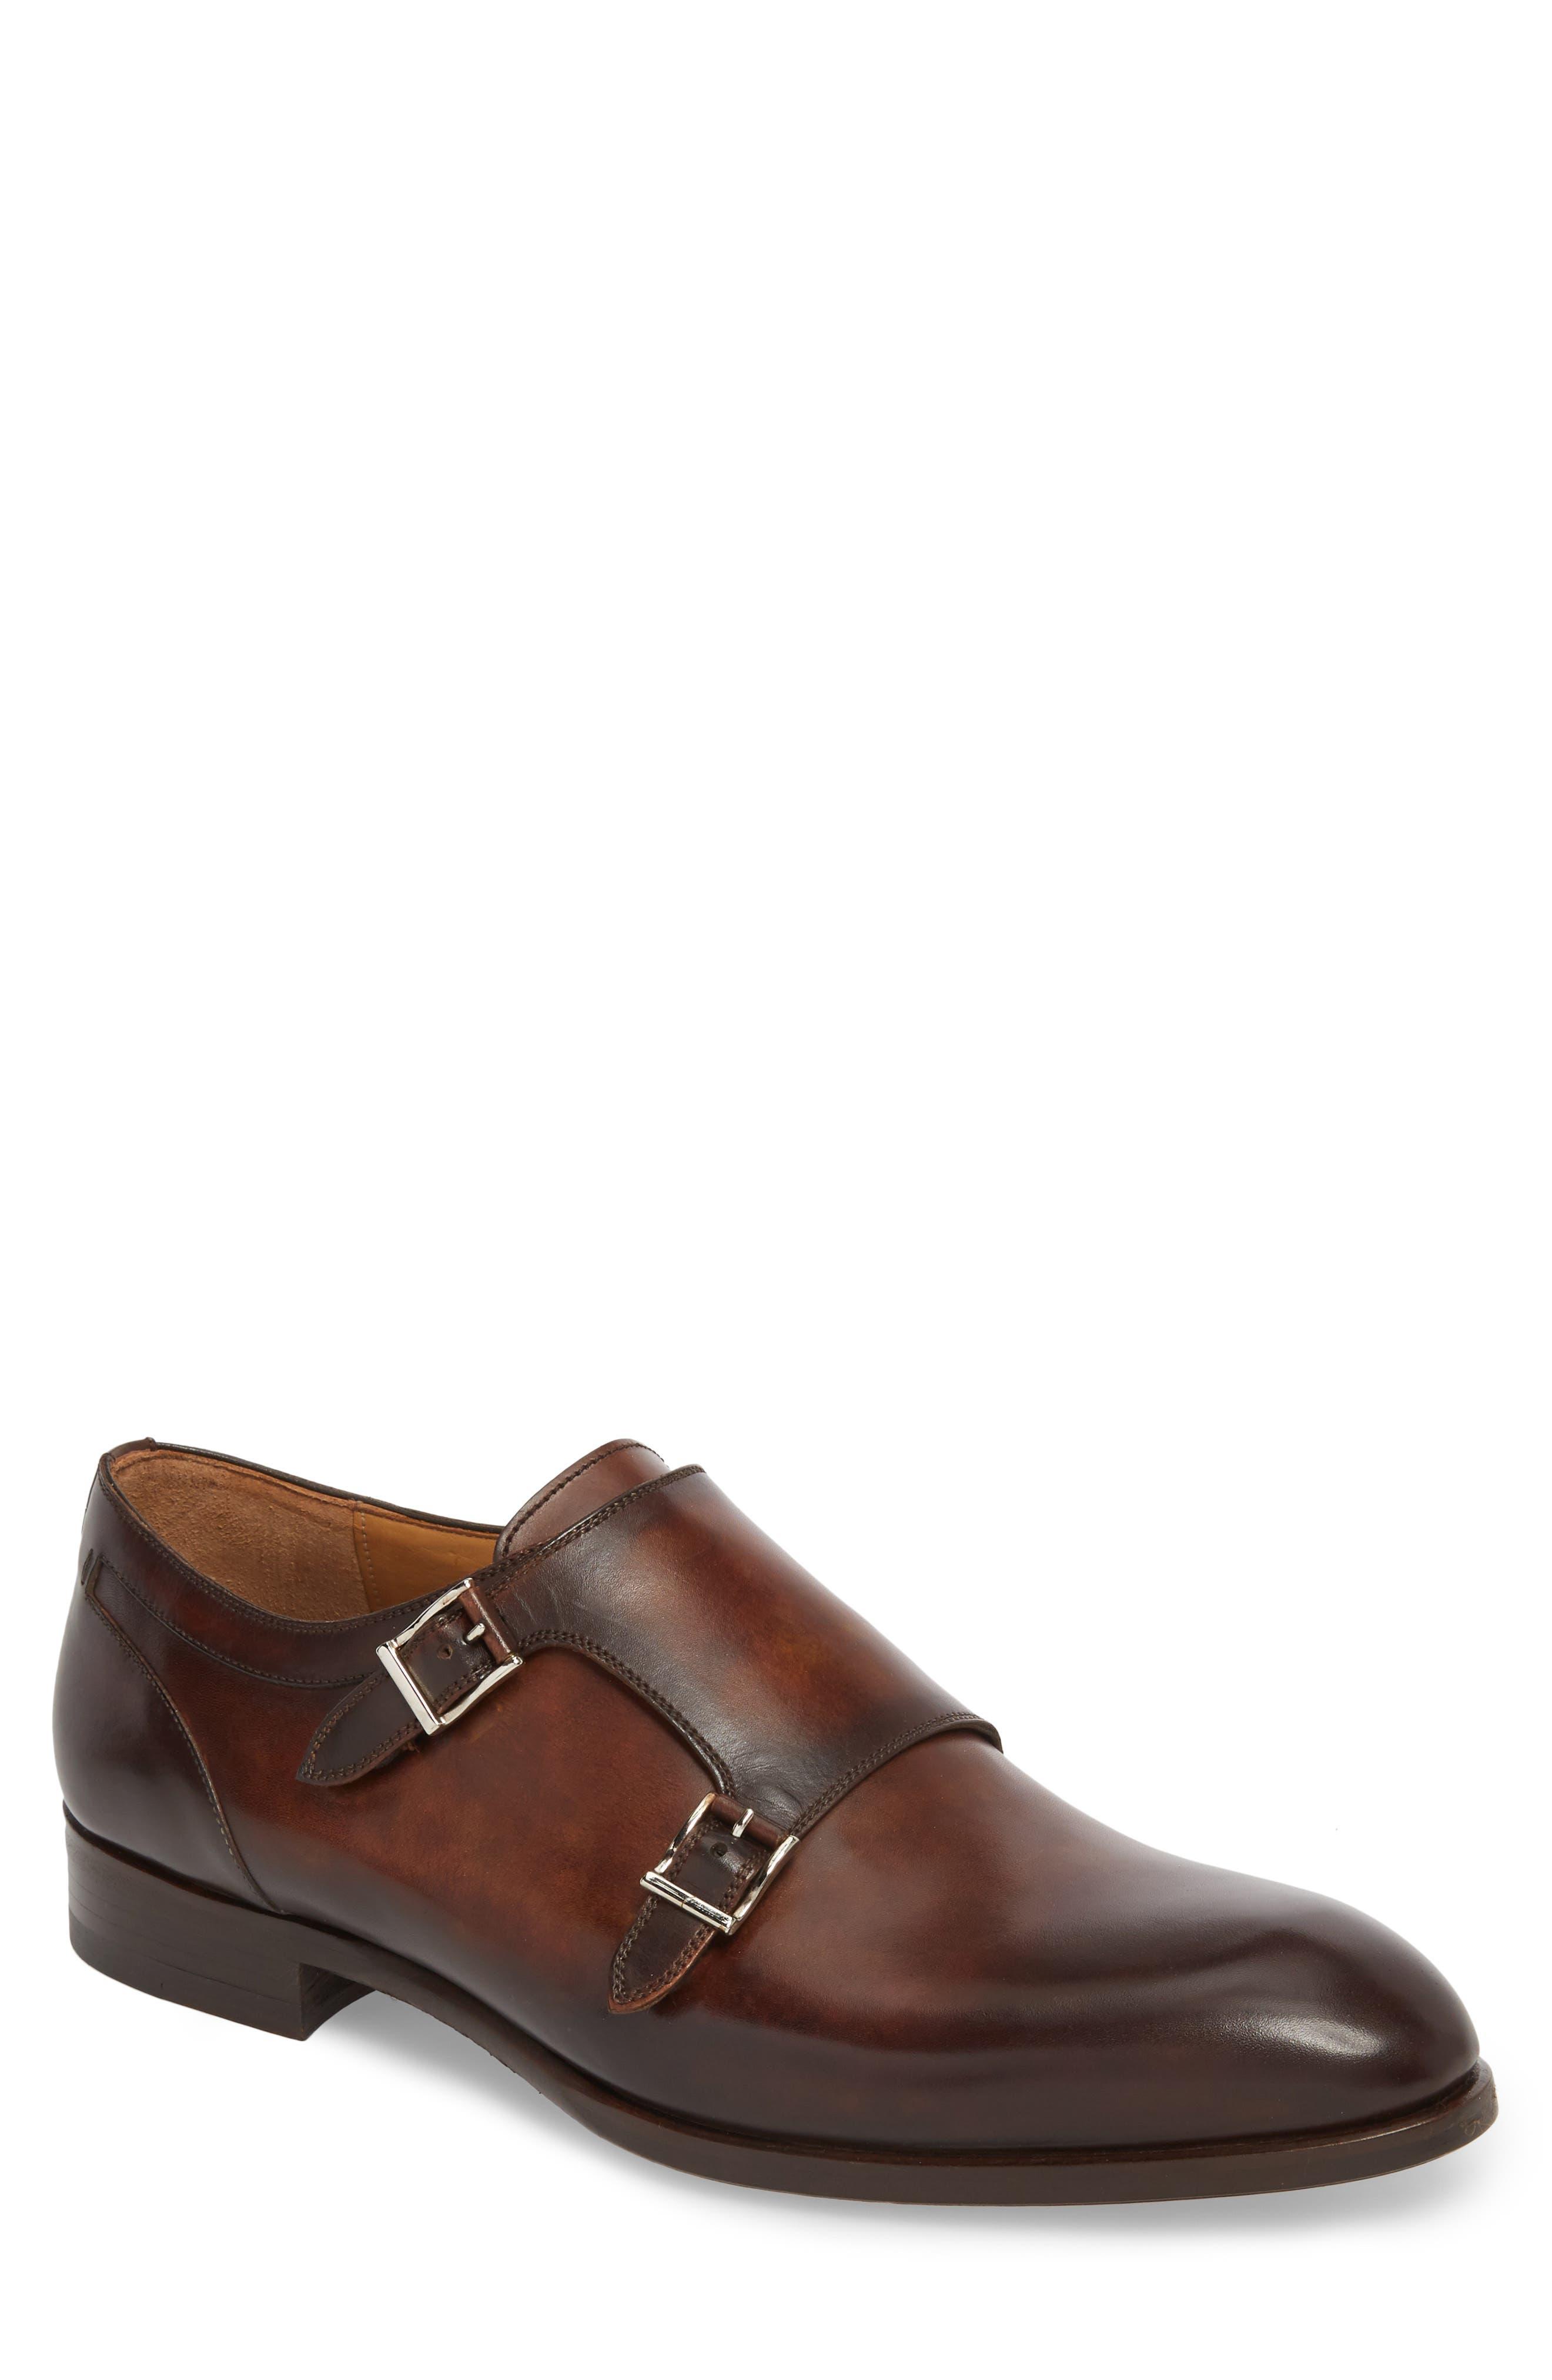 Pratt Double Strap Monk Shoe,                         Main,                         color,